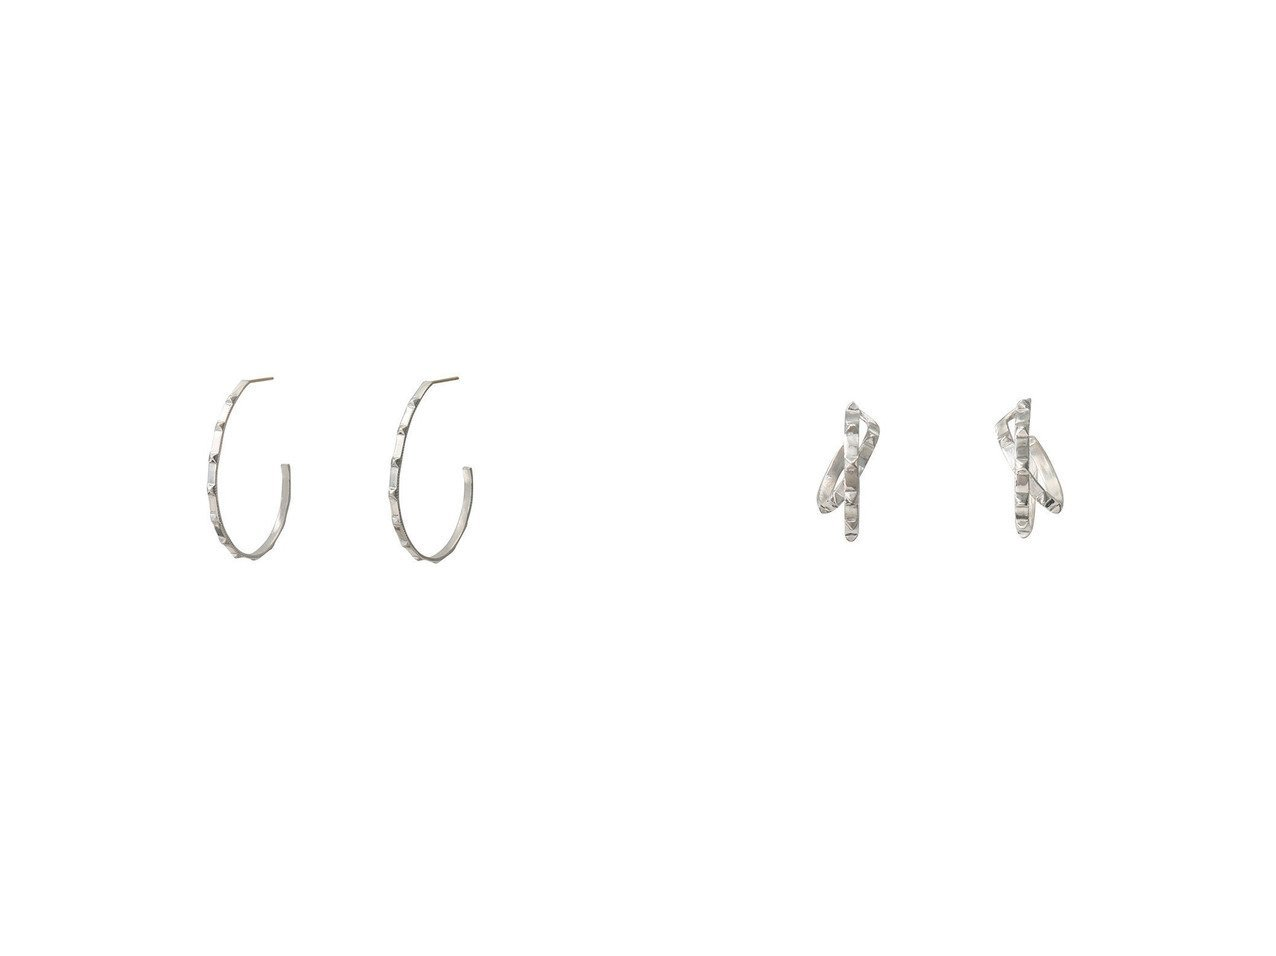 【KAORU/カオル】のSTUDS シルバーフープピアス L&STUDS シルバークロスフープピアス 【アクセサリー・ジュエリー】おすすめ!人気、トレンド・レディースファッションの通販 おすすめで人気の流行・トレンド、ファッションの通販商品 インテリア・家具・メンズファッション・キッズファッション・レディースファッション・服の通販 founy(ファニー) https://founy.com/ ファッション Fashion レディースファッション WOMEN ジュエリー Jewelry リング Rings イヤリング Earrings 2020年 2020 2020-2021秋冬・A/W AW・Autumn/Winter・FW・Fall-Winter/2020-2021 2021年 2021 2021-2022秋冬・A/W AW・Autumn/Winter・FW・Fall-Winter・2021-2022 A/W・秋冬 AW・Autumn/Winter・FW・Fall-Winter おすすめ Recommend イヤリング シルバー スタッズ セットアップ フープ |ID:crp329100000061815